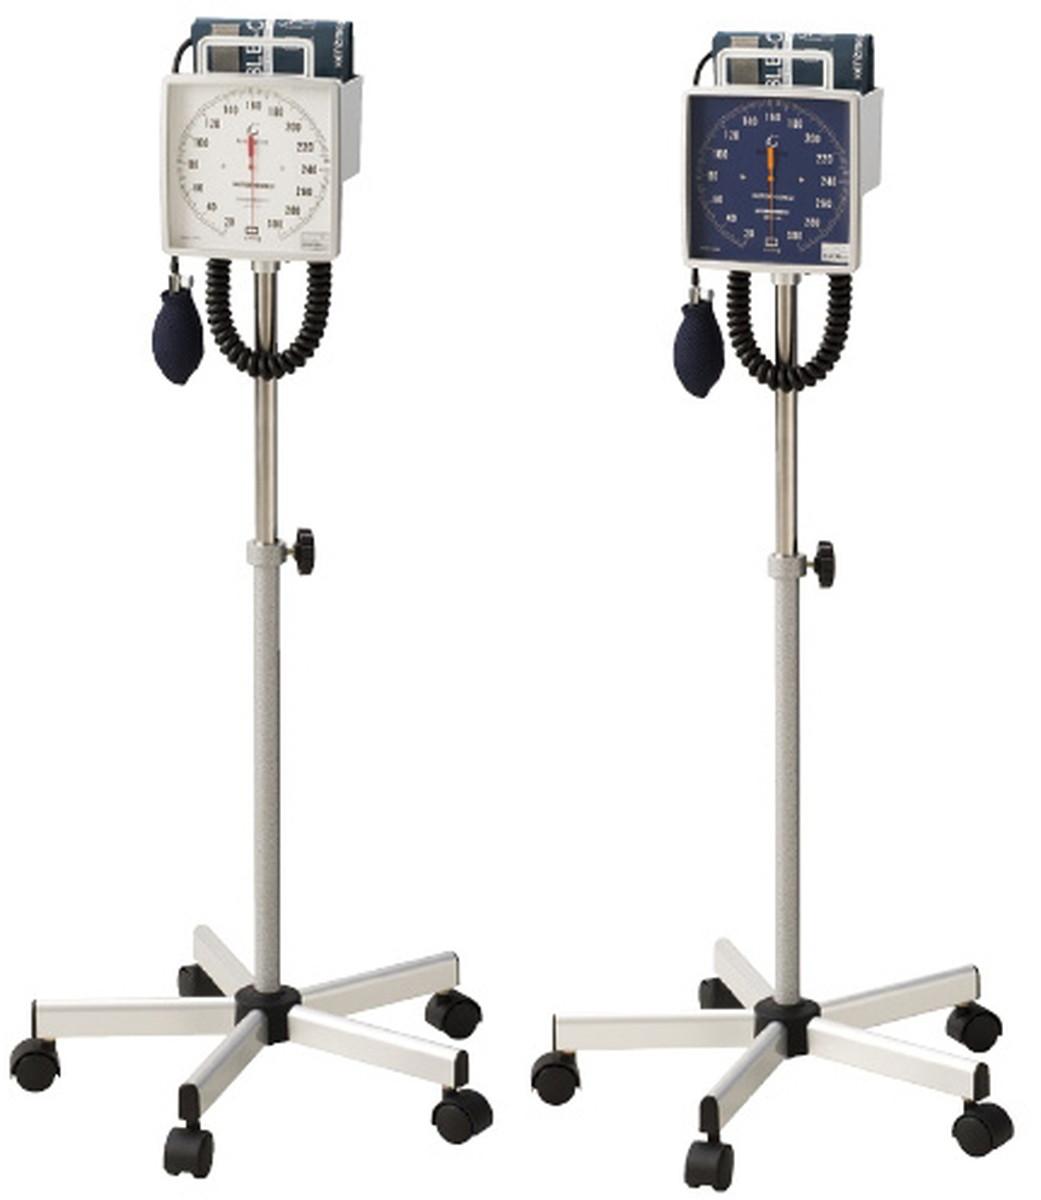 ★ポイント最大16倍★【送料無料】-大型アネロイド血圧計(スタンド型) NO.542(ブルー)Wカフ 品番 my24-3265-01-- 1入り-【MY医科器機】JAN 4560105682090